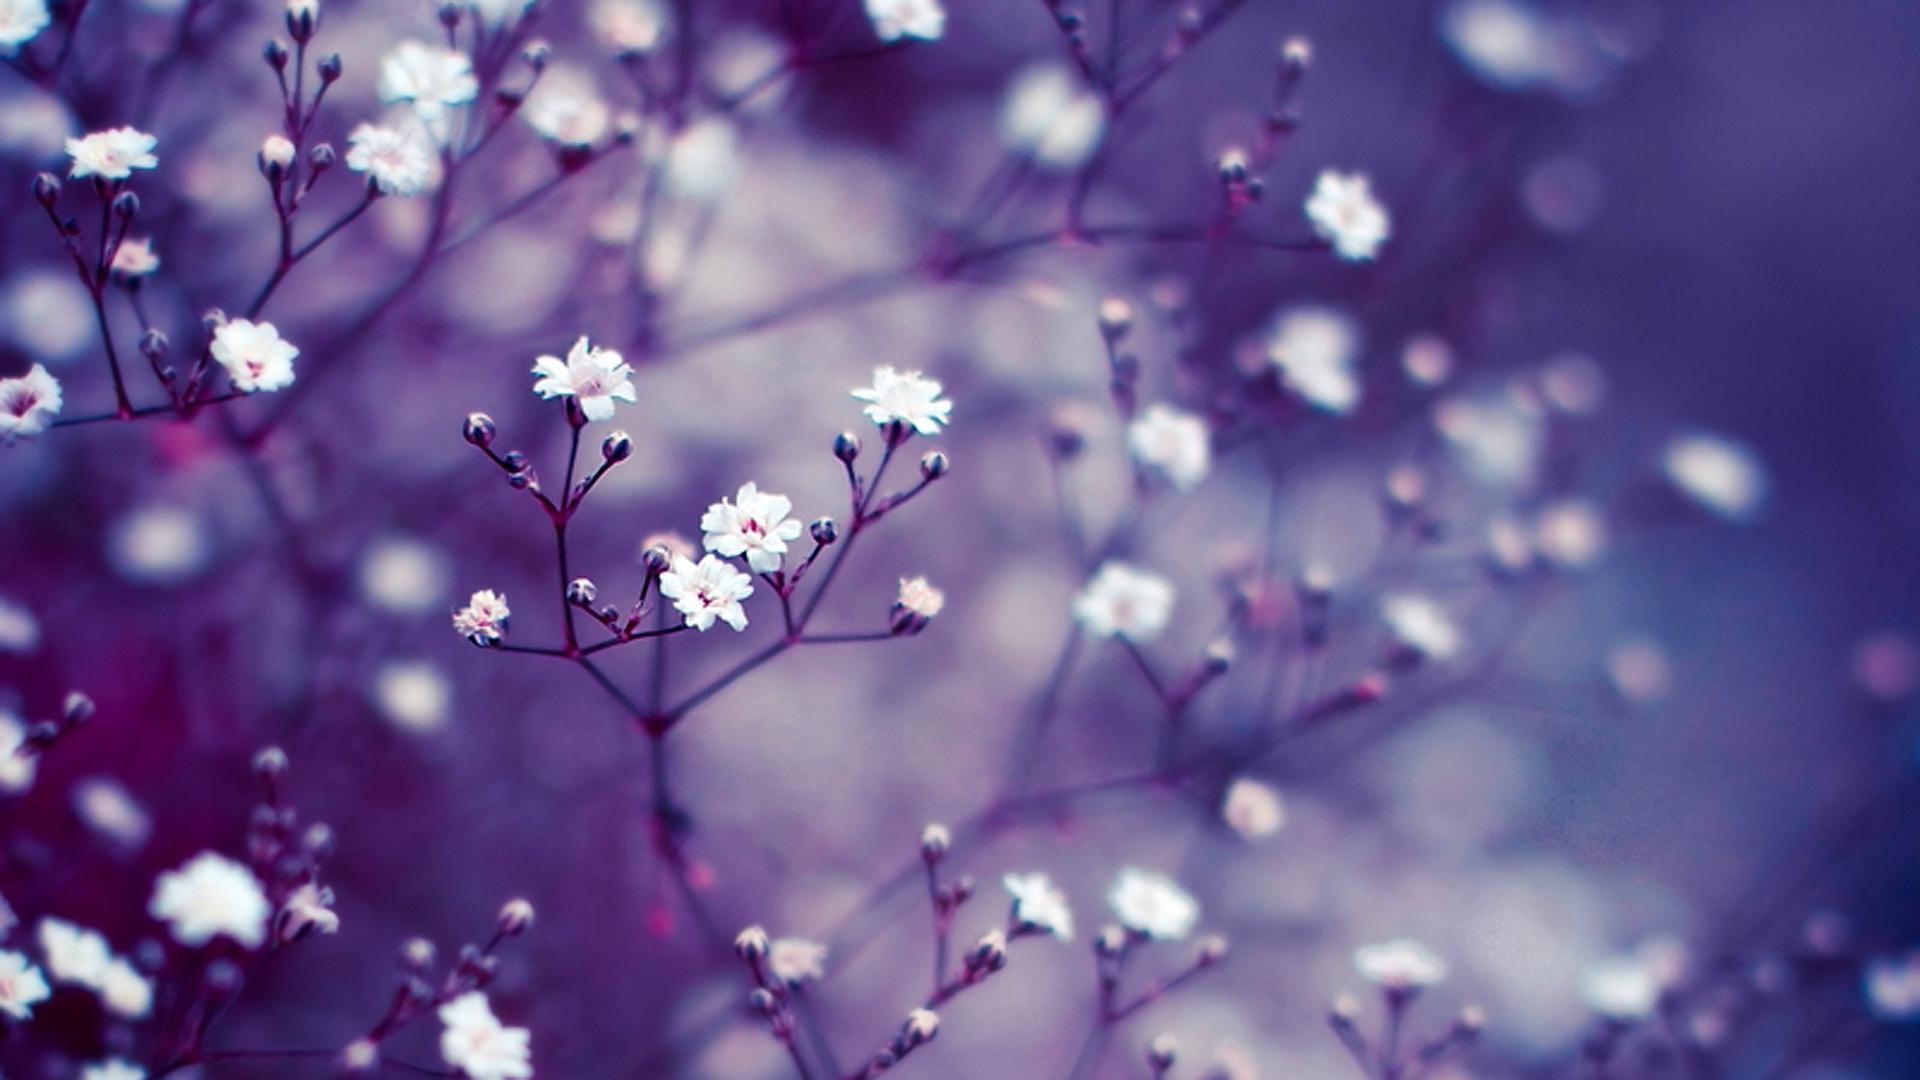 Free Fall Flowers Desktop Wallpaper Lavender Flower Wallpapers Hd Pixelstalk Net